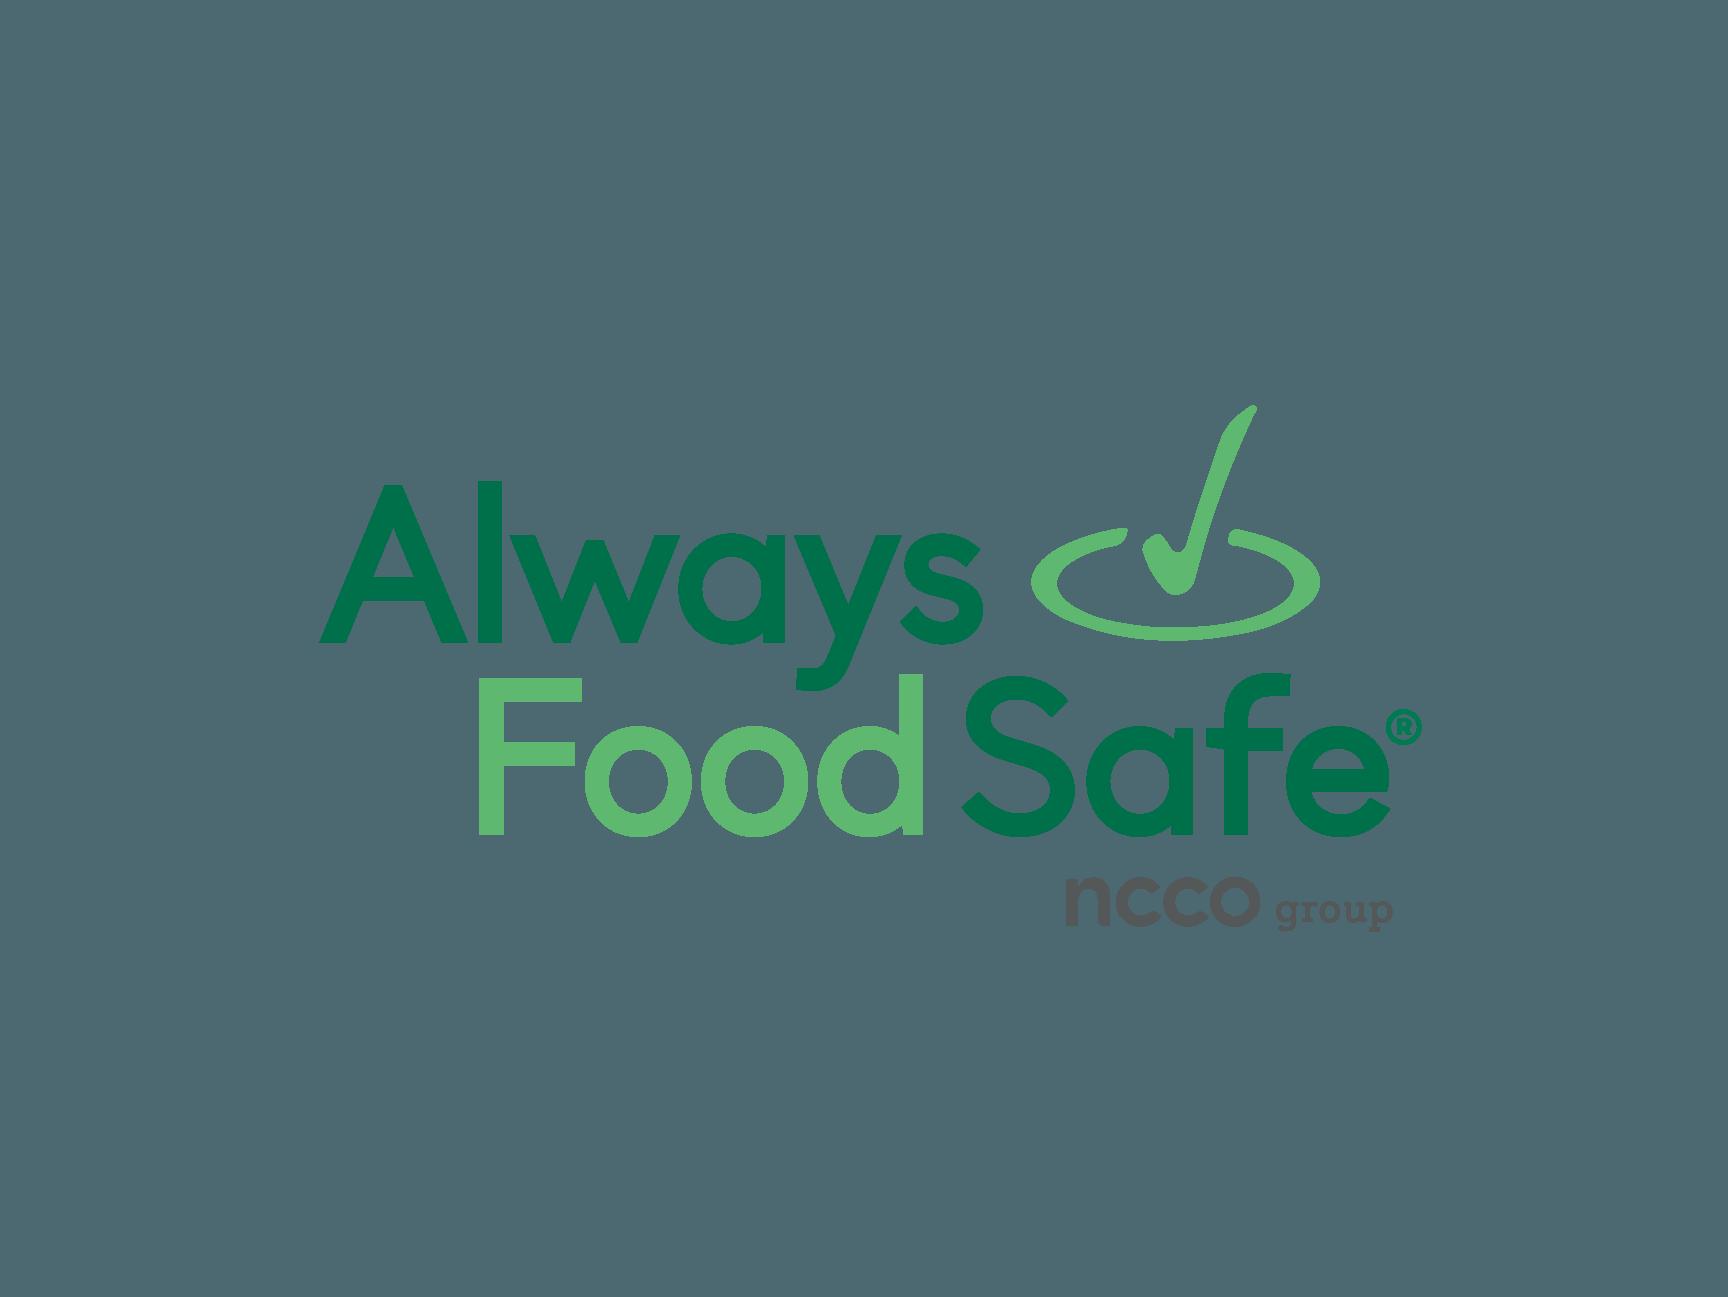 Always Food Safe